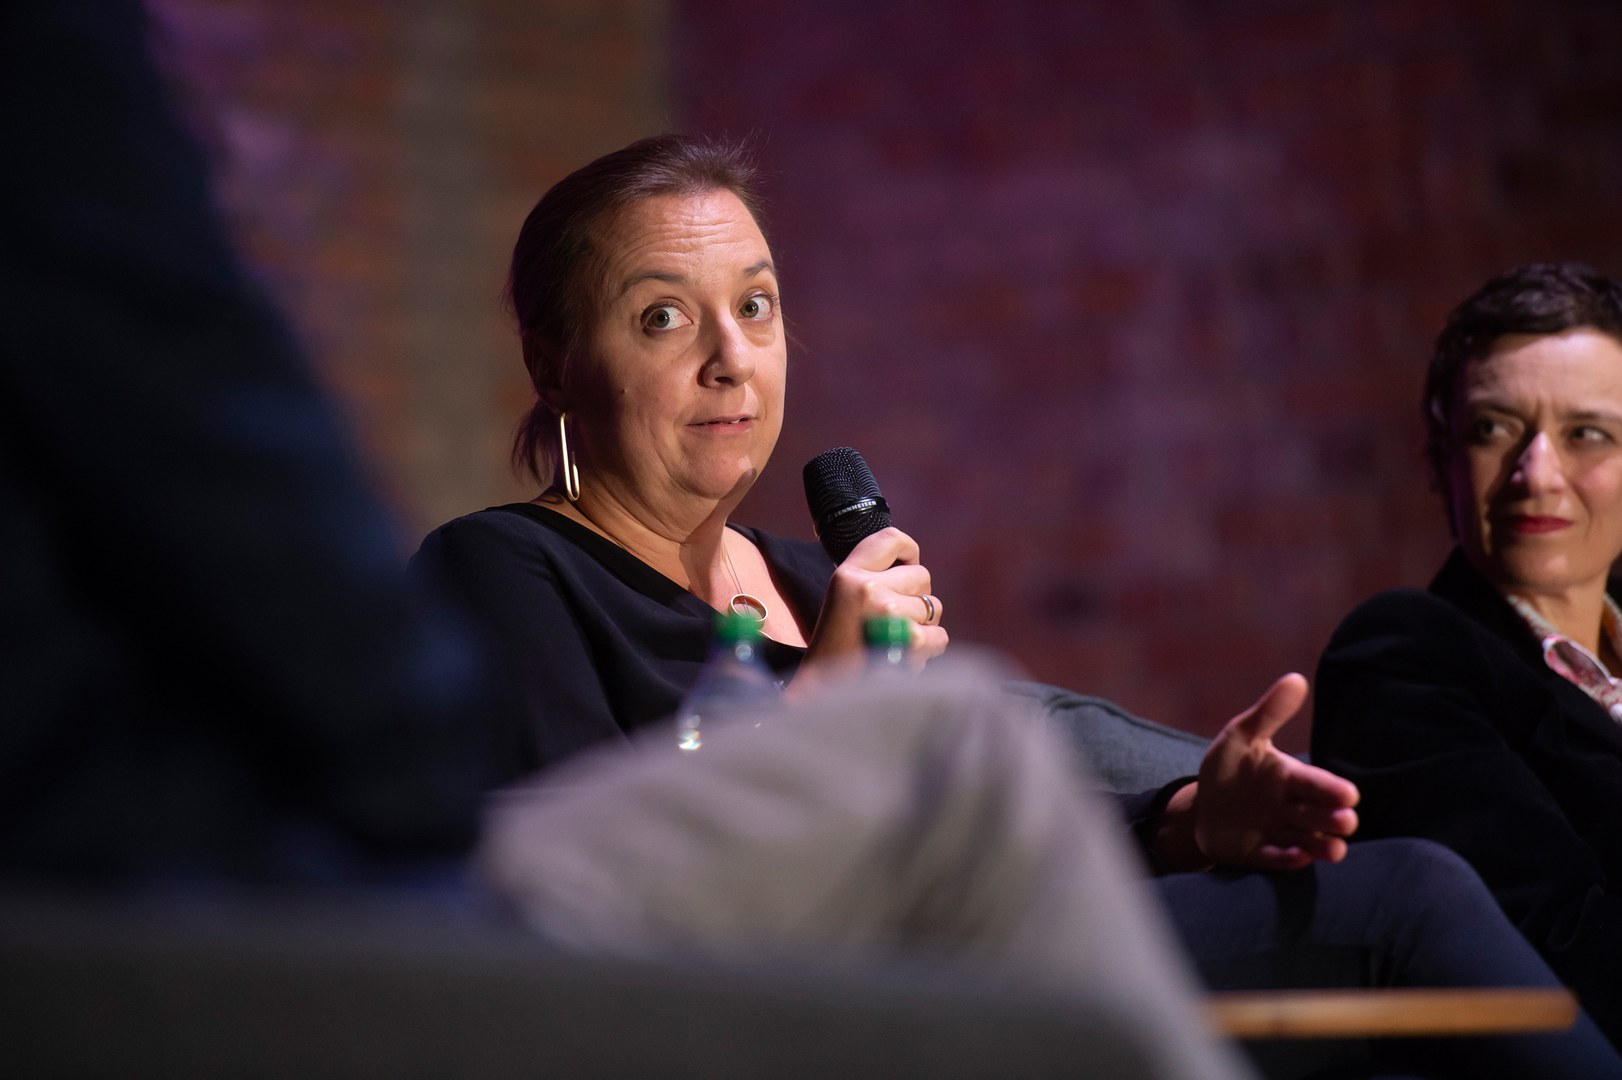 Katrin Reuter vom Startup Trackle GmbH: